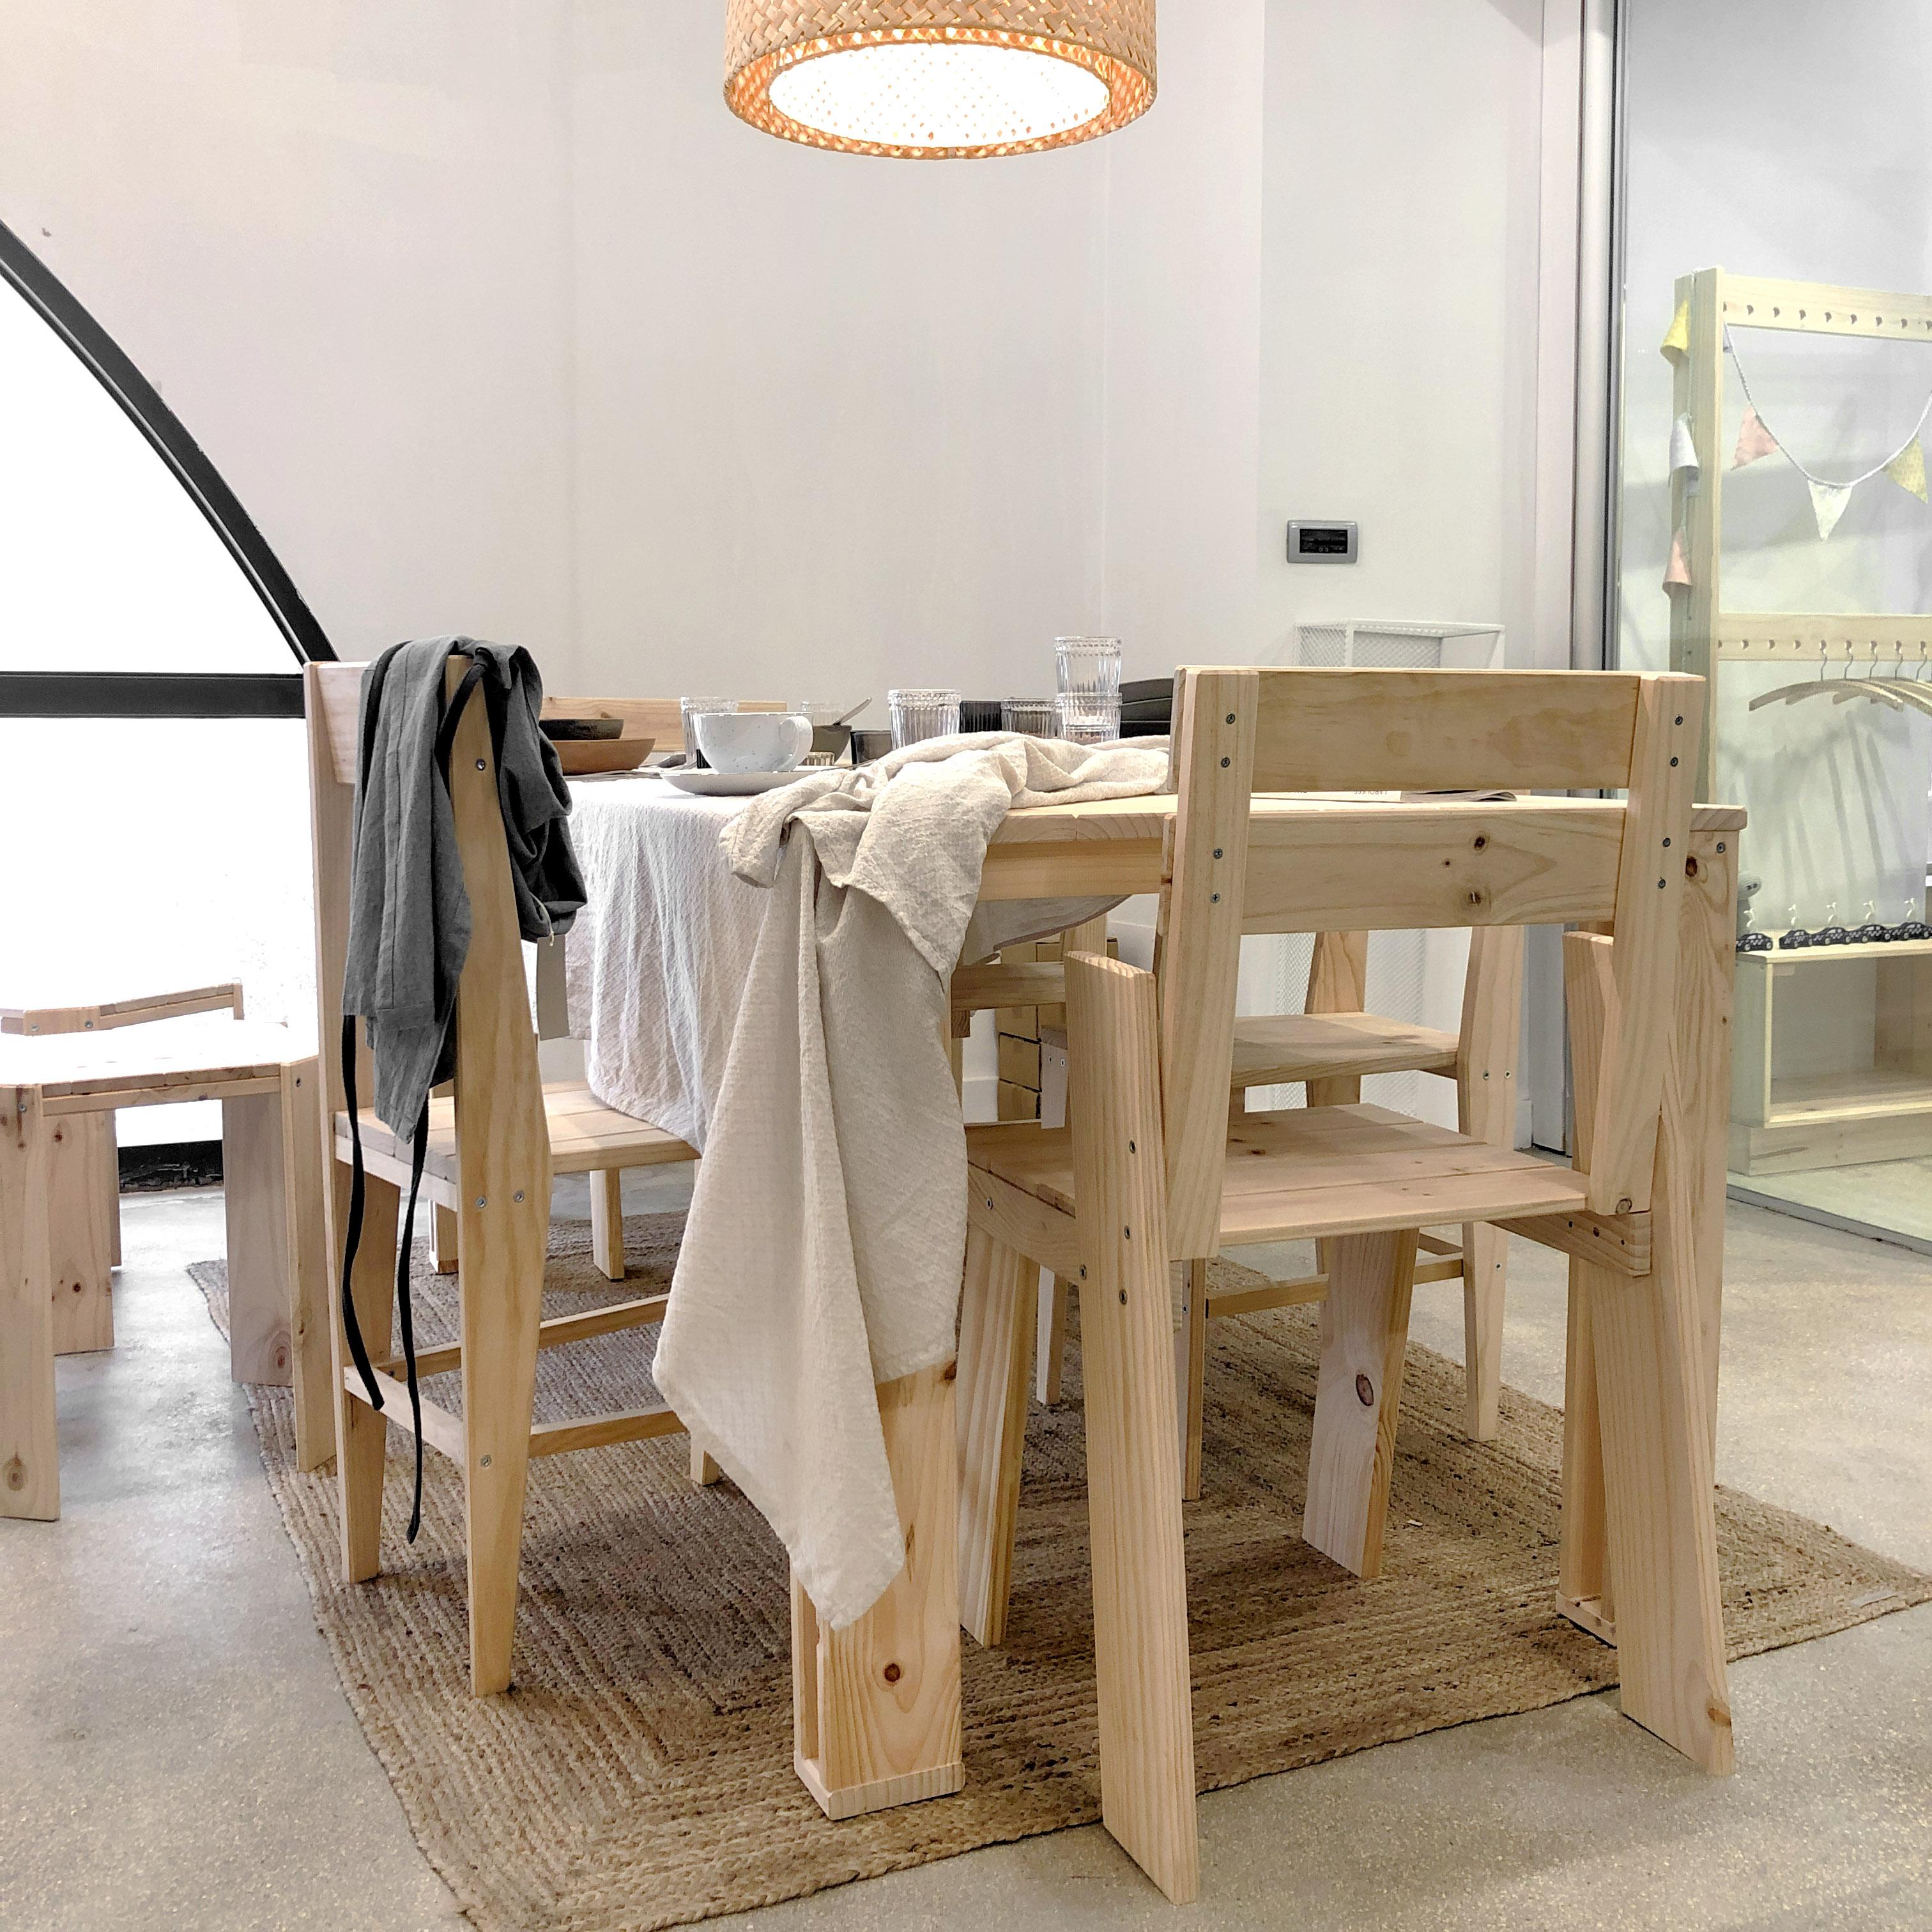 Ventajas de decorar tu hogar con muebles de madera maciza